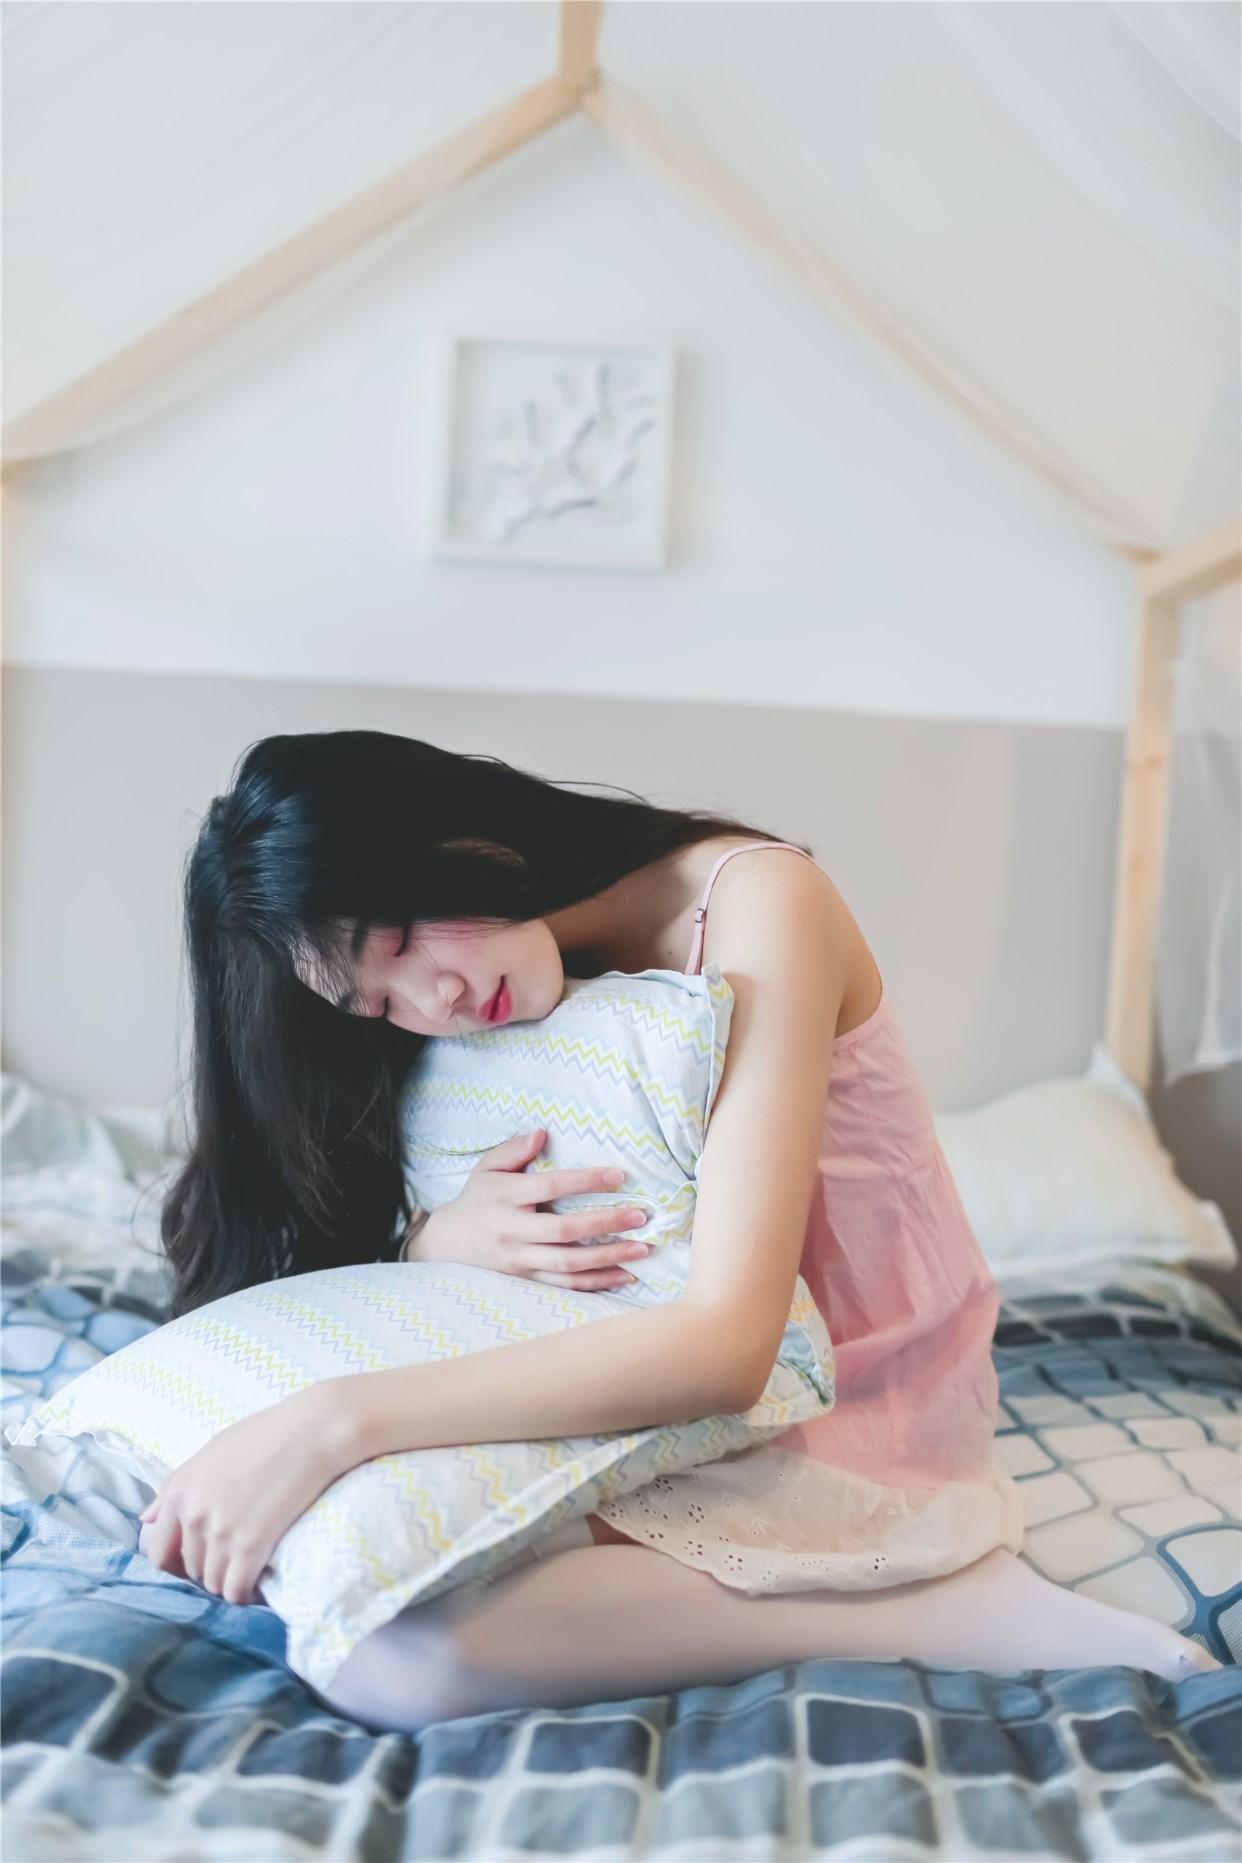 【兔玩映画】粉色小裙子 兔玩映画 第35张